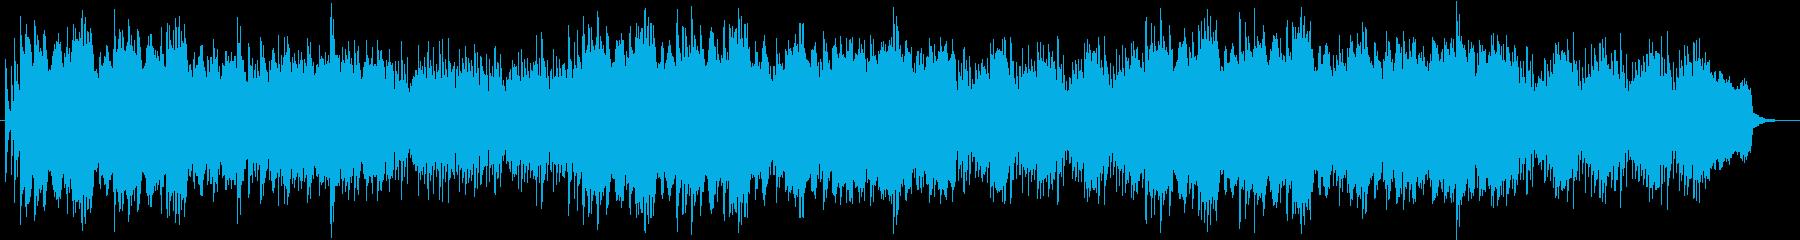 ベルのアクセントが入った優しいピアノの曲の再生済みの波形